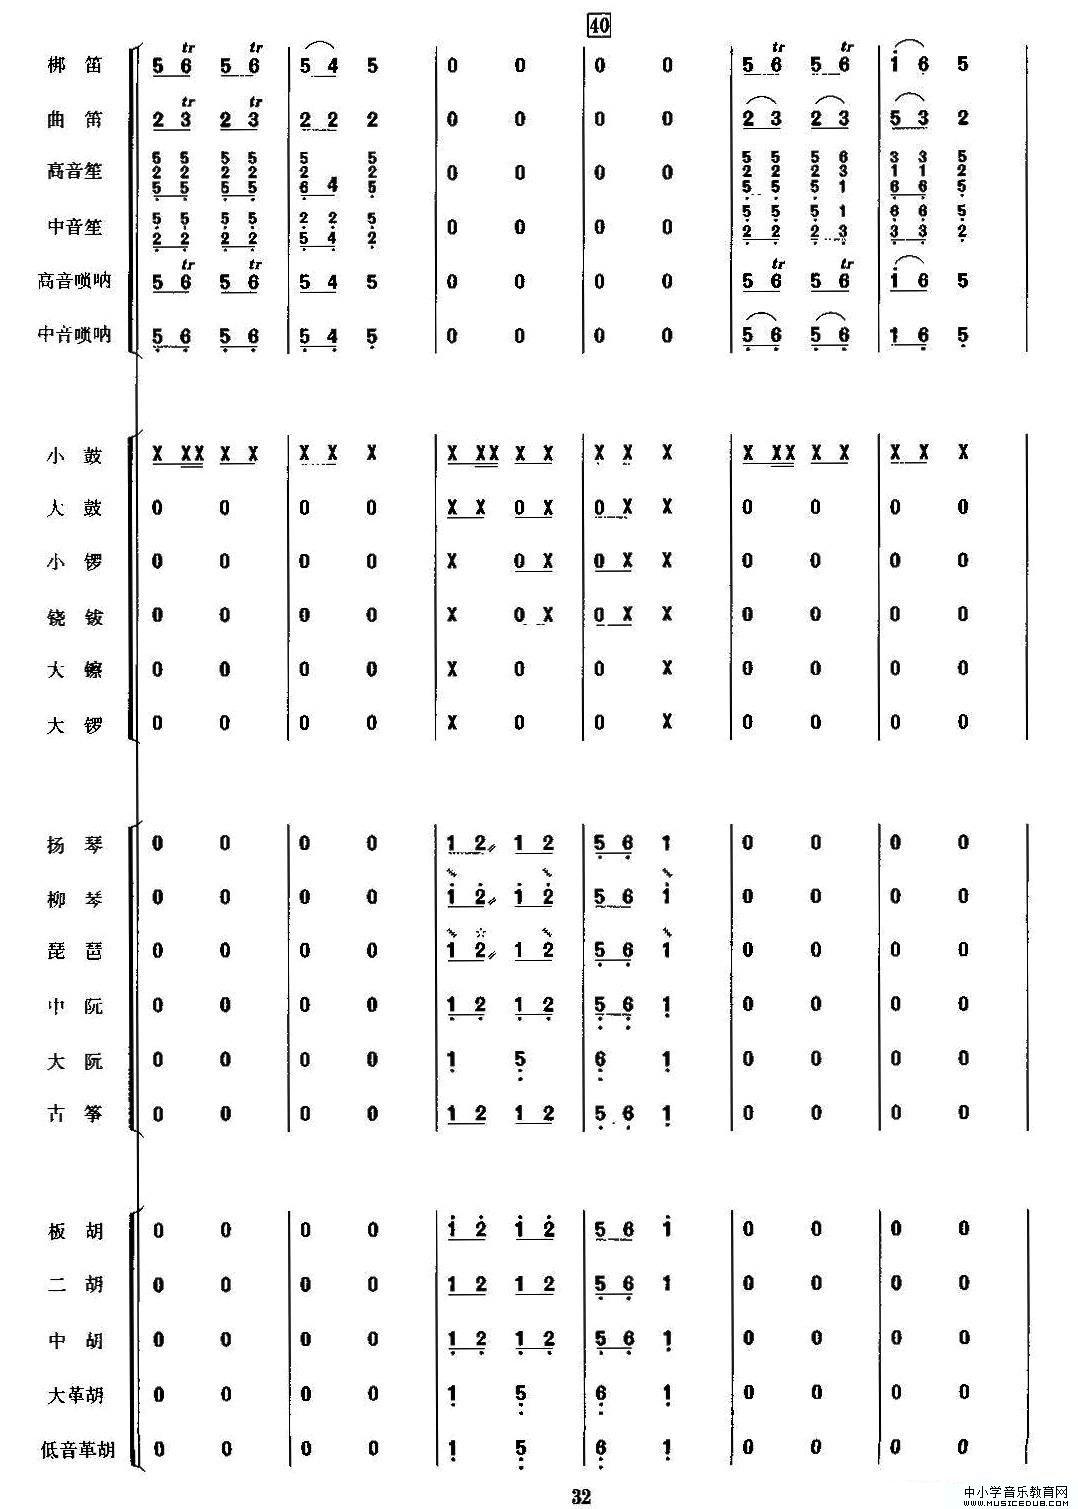 金蛇狂舞(民乐合奏总谱,周仲康配器版)(1)_原文件名:j7